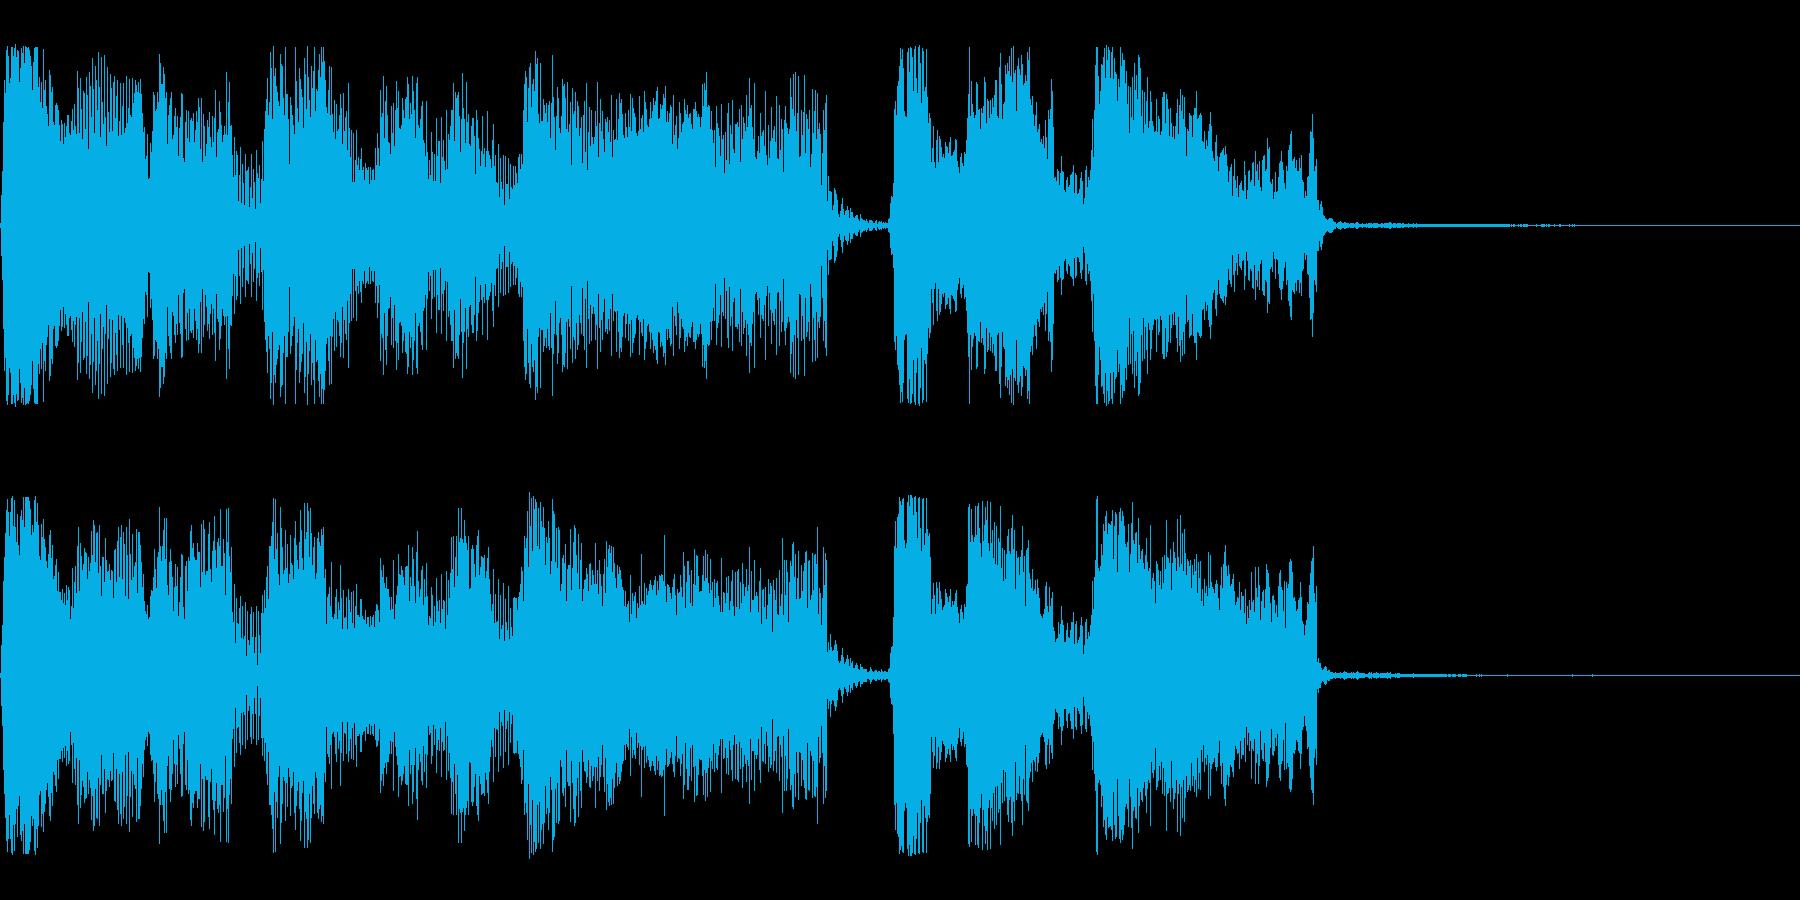 【パステルカラー1】の再生済みの波形